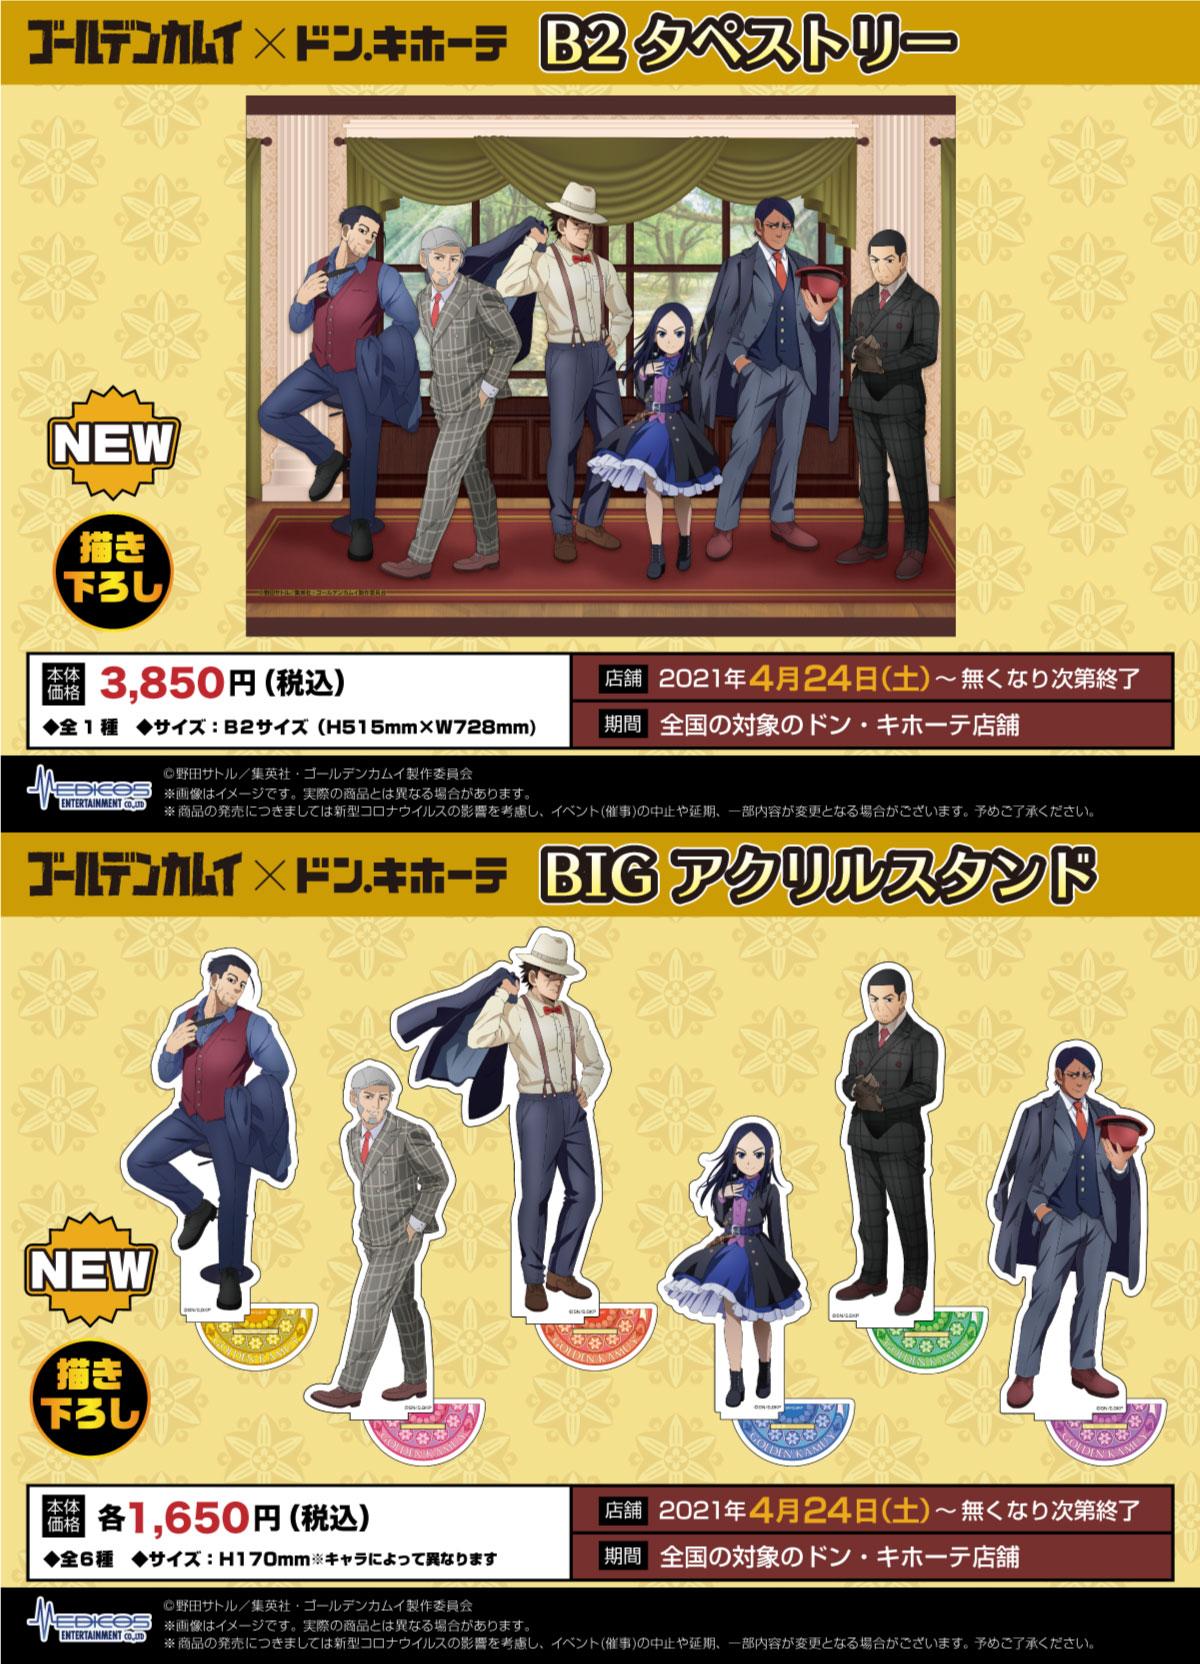 TVアニメ「ゴールデンカムイ」×ドン・キホーテ 限定コラボグッズ